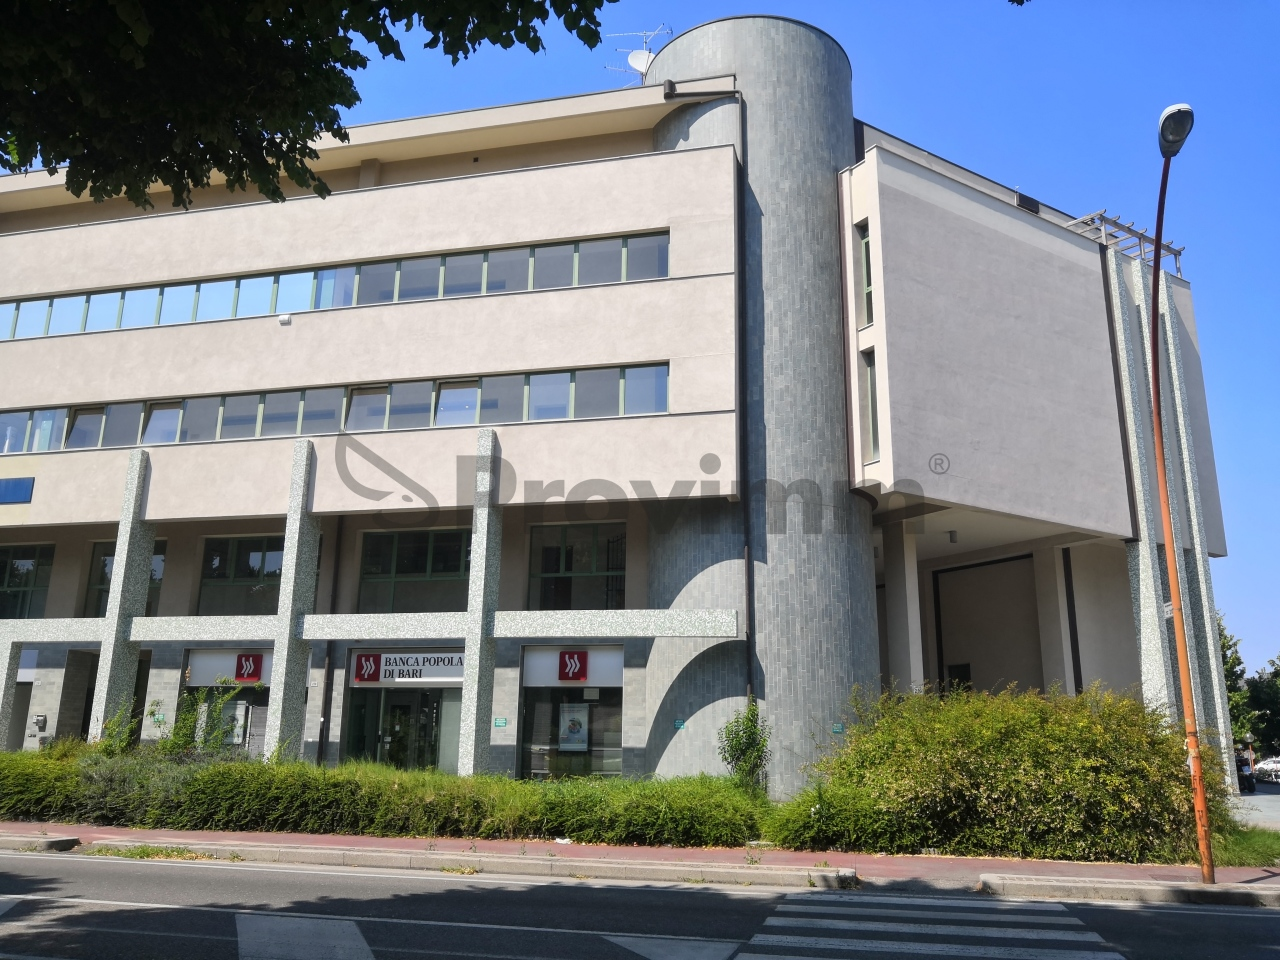 Ufficio - COMMERCIALE a Cesena Rif. 10763938